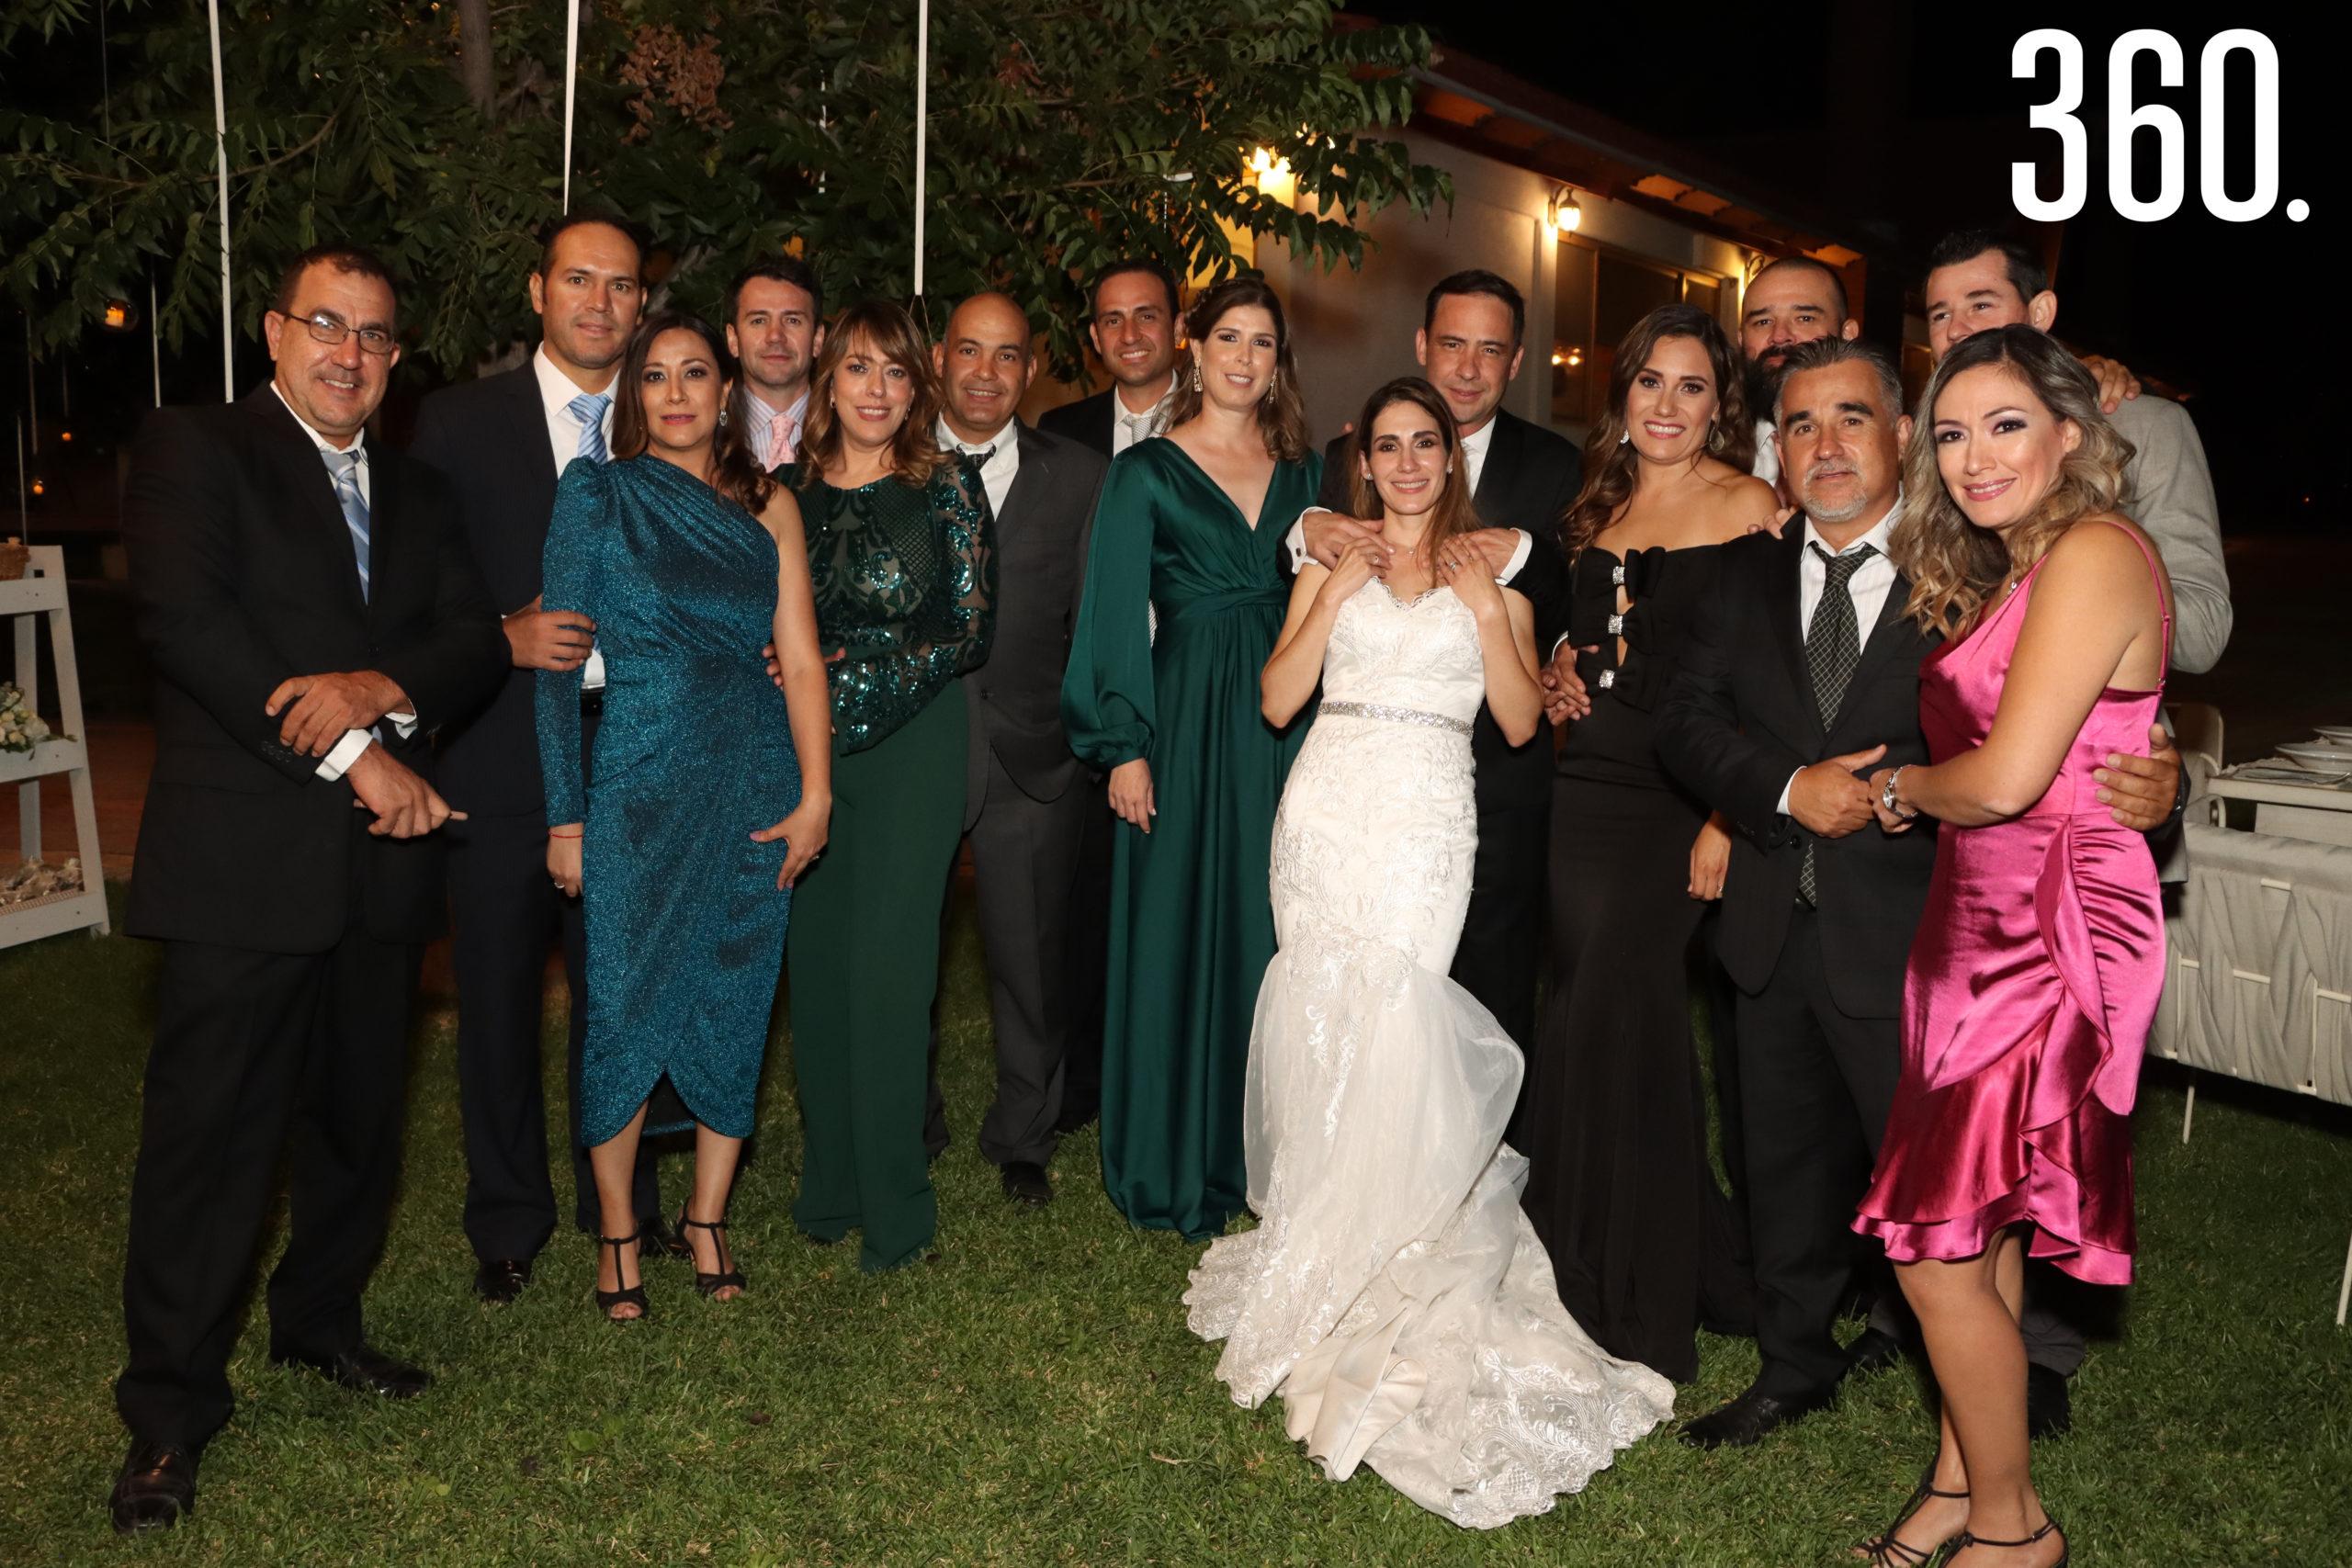 María Alejandra y Jorge acompañados por sus amigos y amigas.